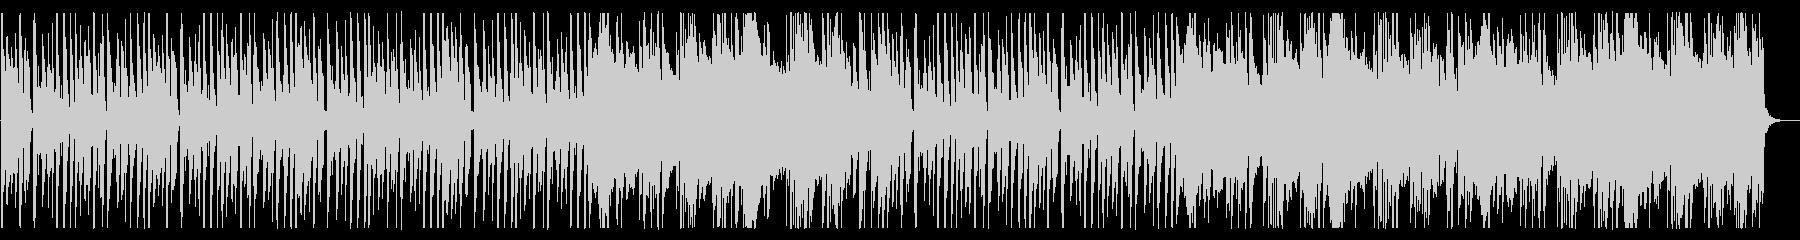 浮遊感が溢れるBGM_No580_1の未再生の波形